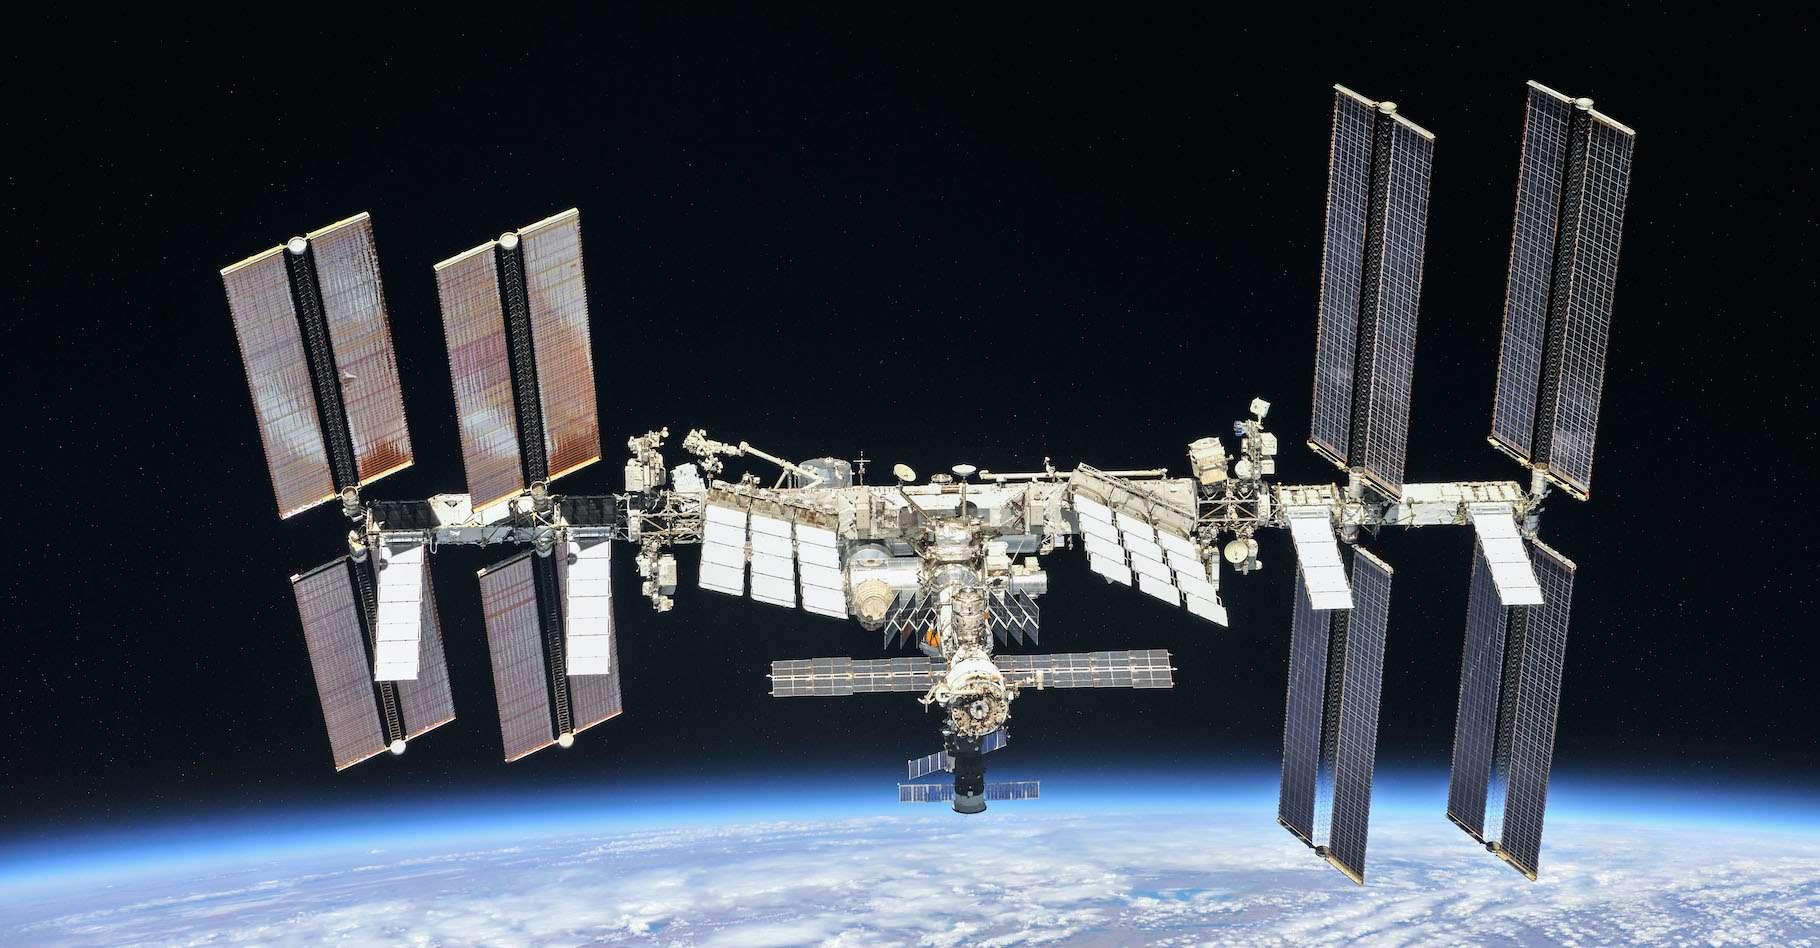 Trois voyageurs de l'espace sont revenus sur Terre aujourd'hui après avoir séjourné plusieurs mois à bord de la Station spatiale internationale. © Nasa, Roscosmos, Wikipedia, Domaine public